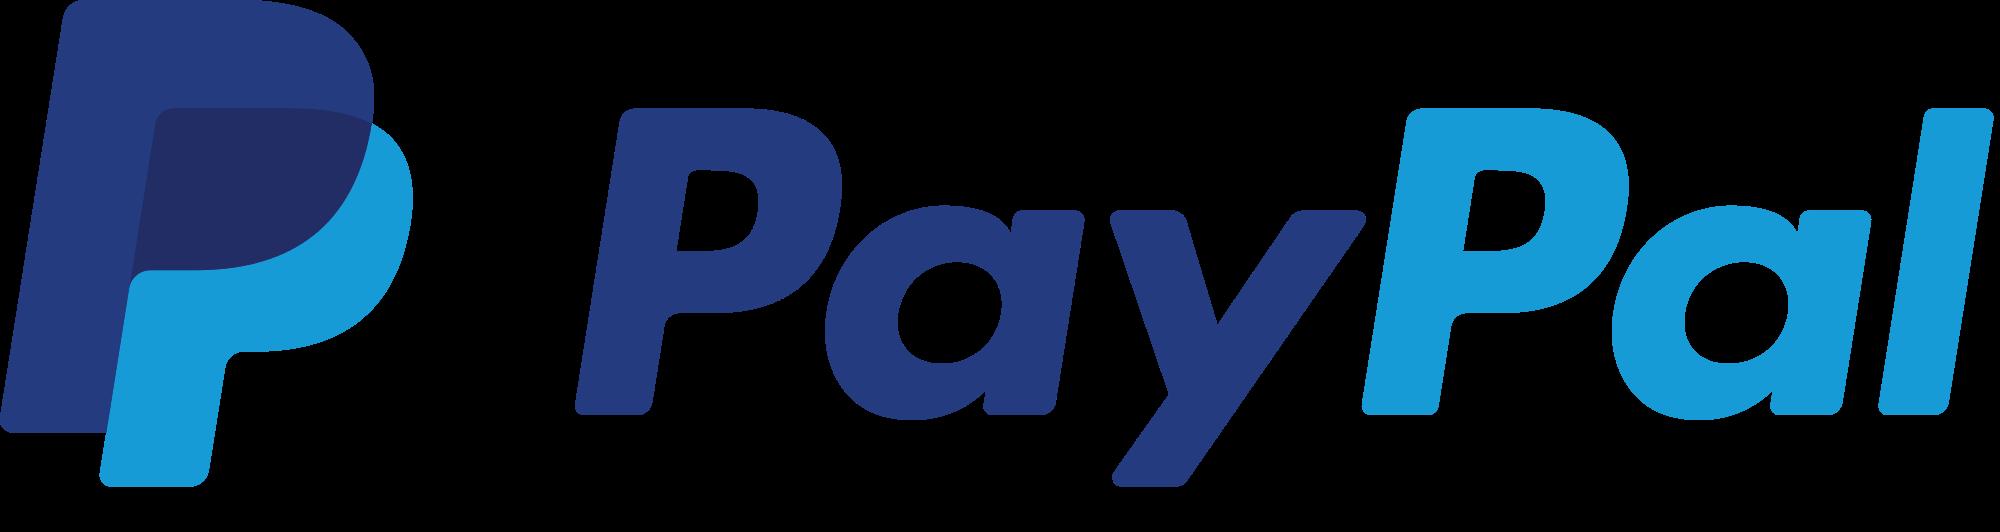 paypal tienda online